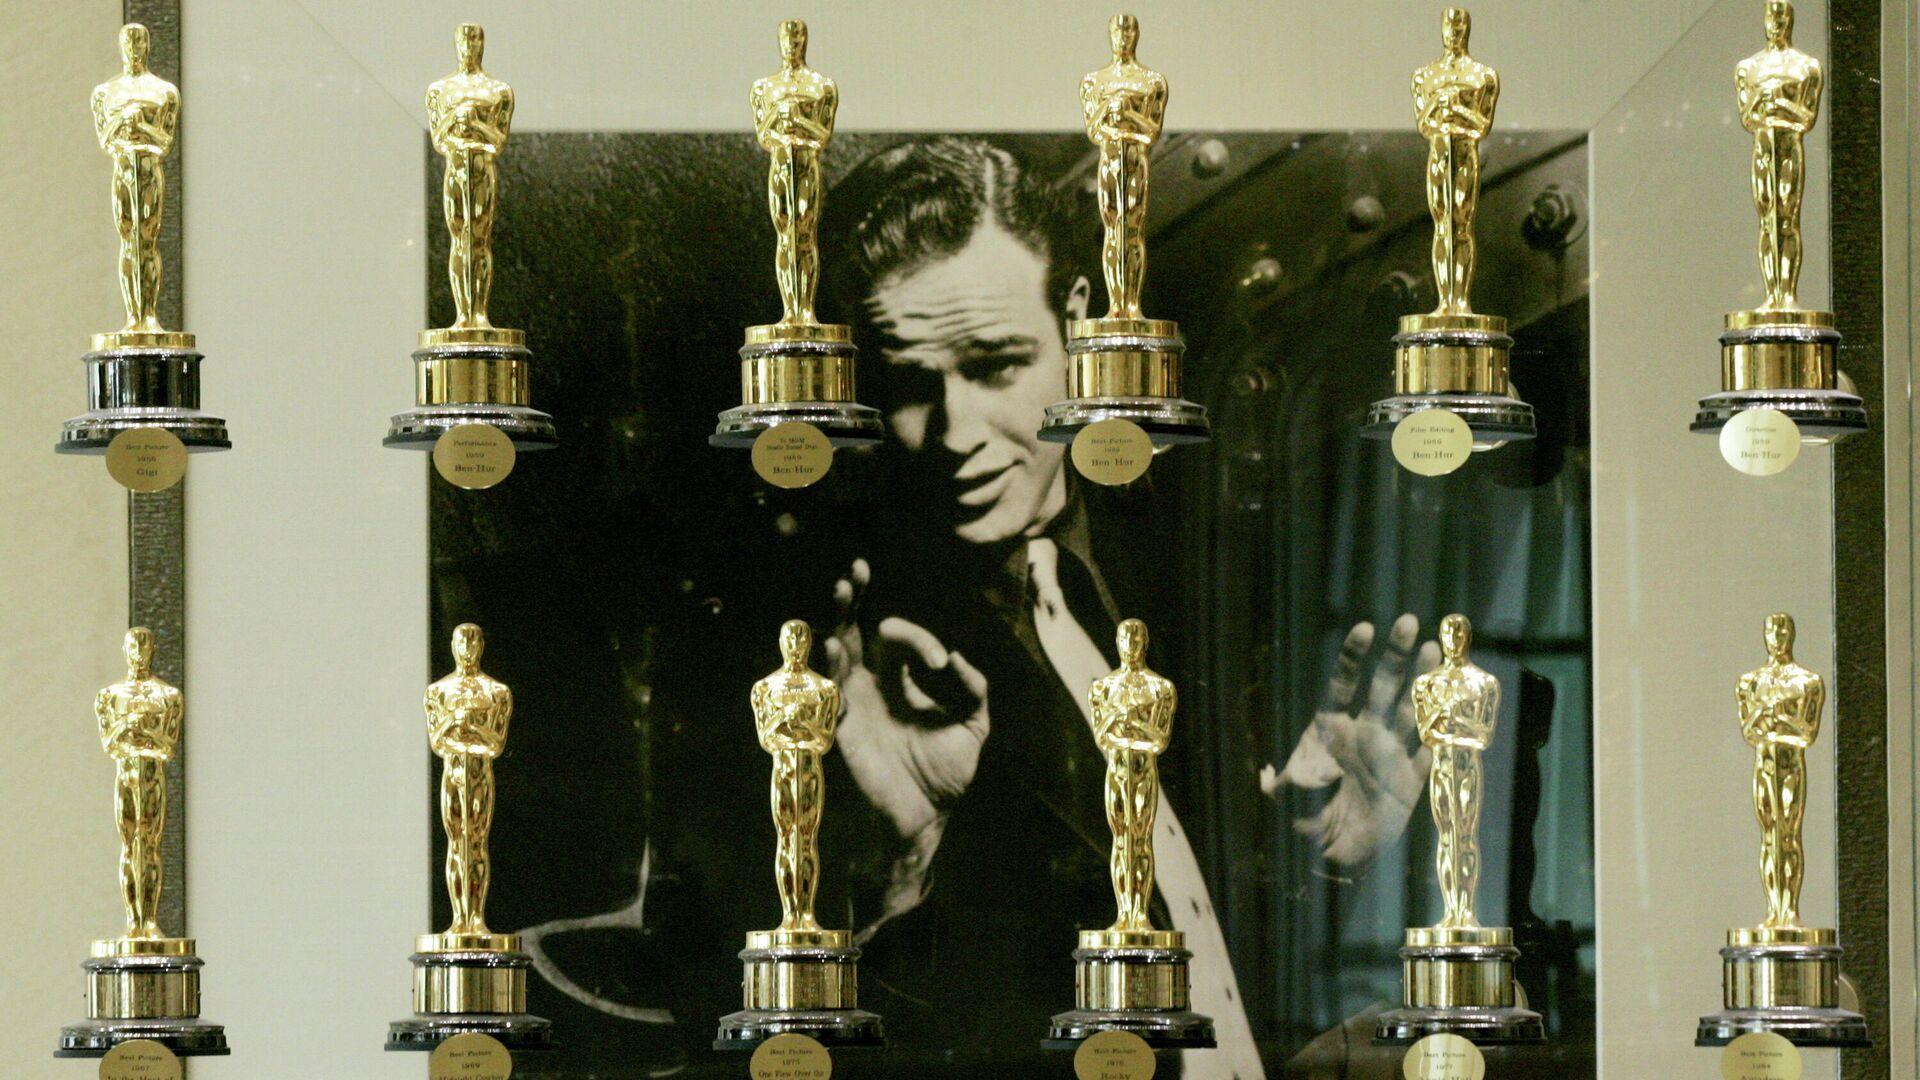 Los premios Óscar en la oficina de MGM studios en Los Ángeles - Sputnik Mundo, 1920, 26.05.2021